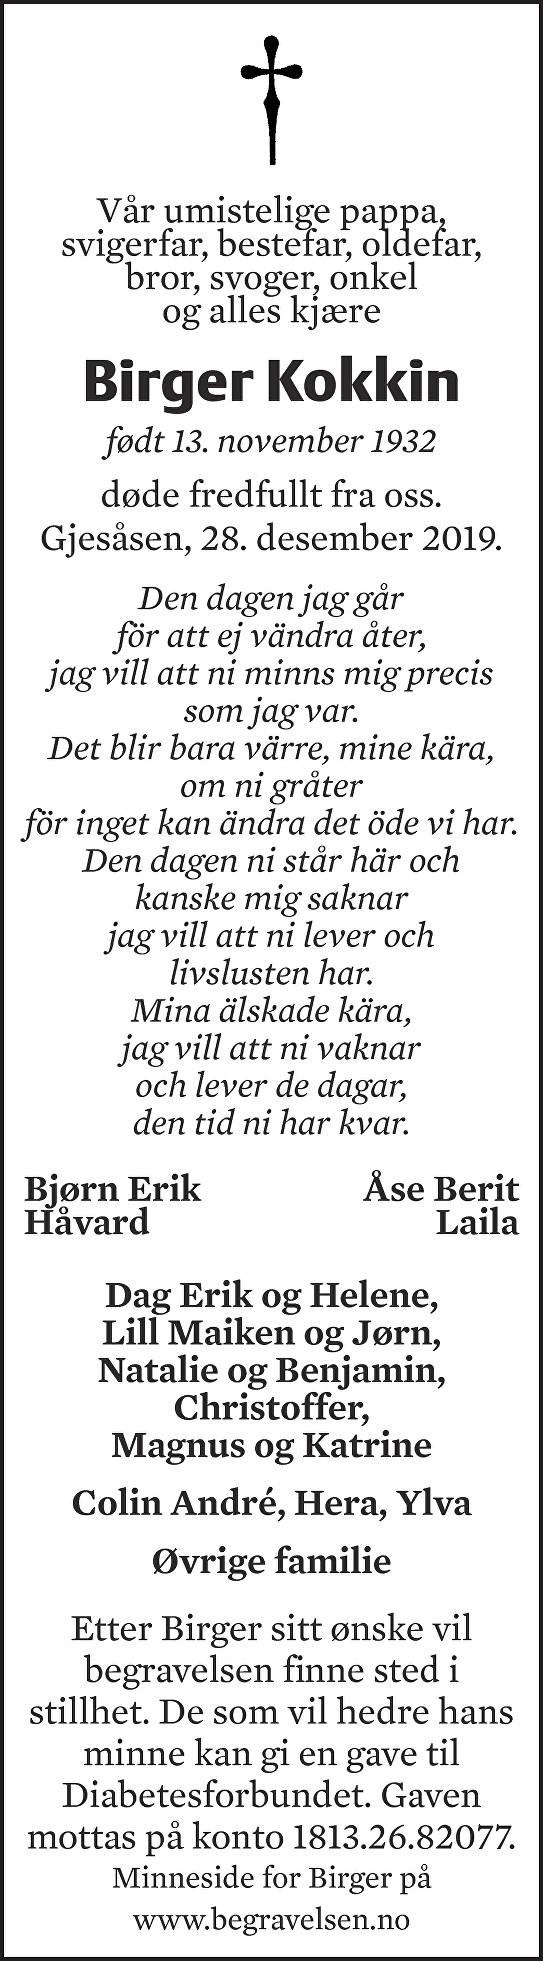 Birger Kokkin Dødsannonse